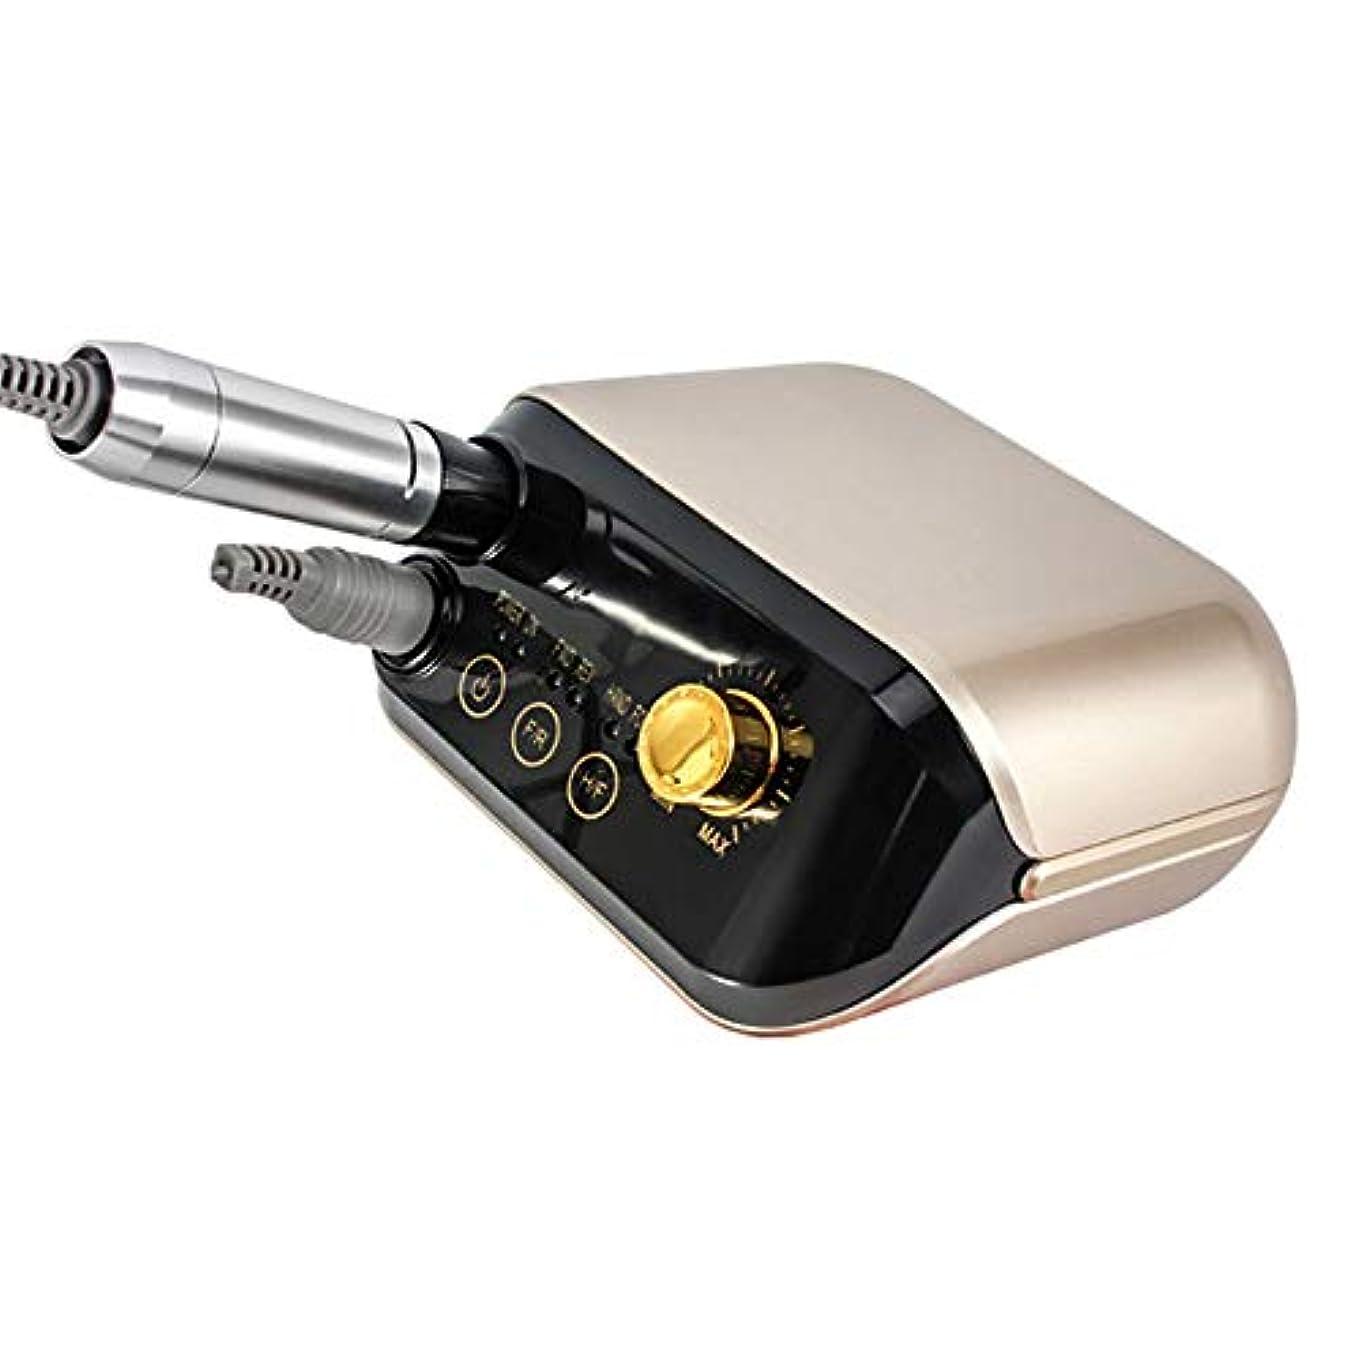 ライトニング一口軽蔑するネイルペディキュアマシン用ネイルドリルマニキュアマシンセット30W 25000 rpm Pro